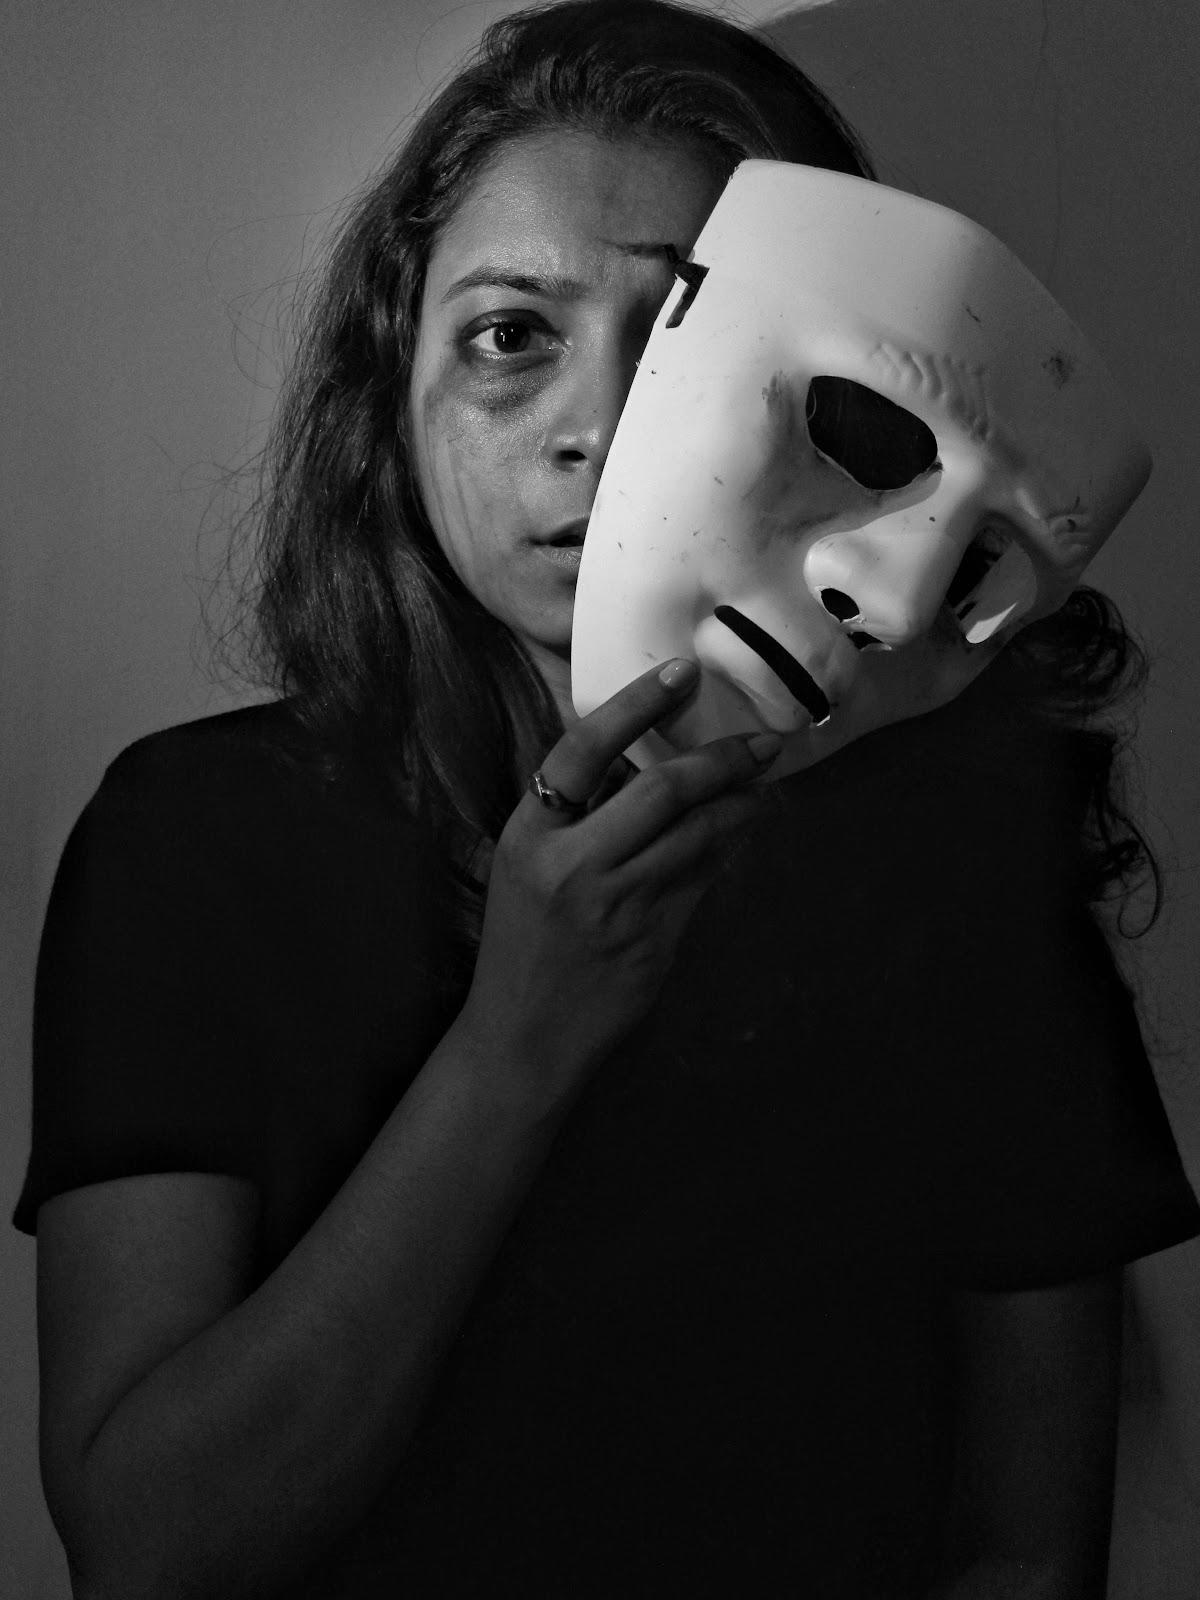 Masked image